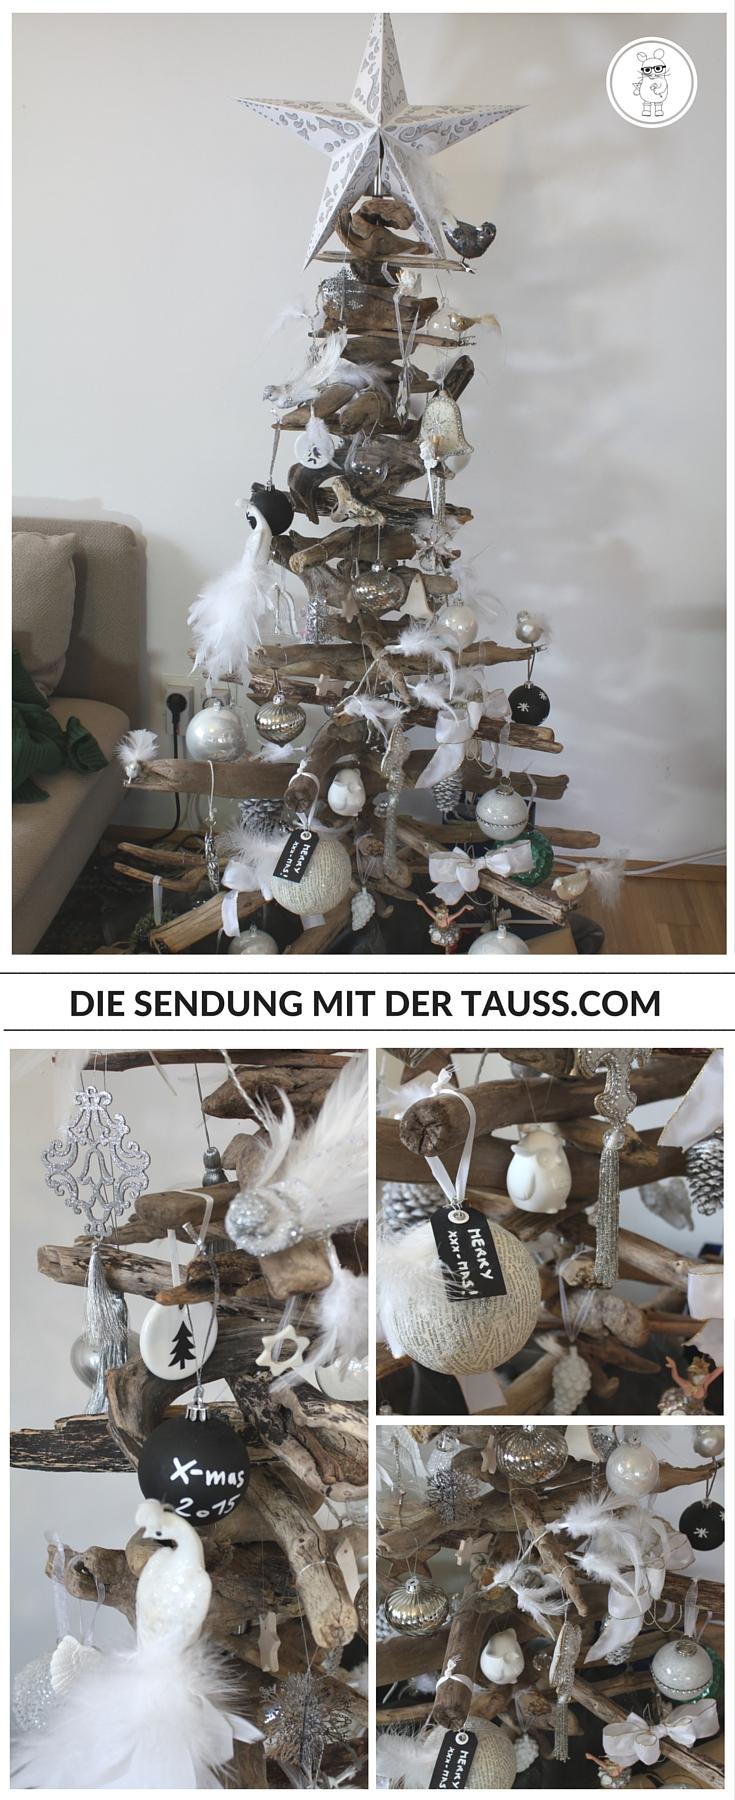 DIE SENDUNG MIT DER TAUSS.COM